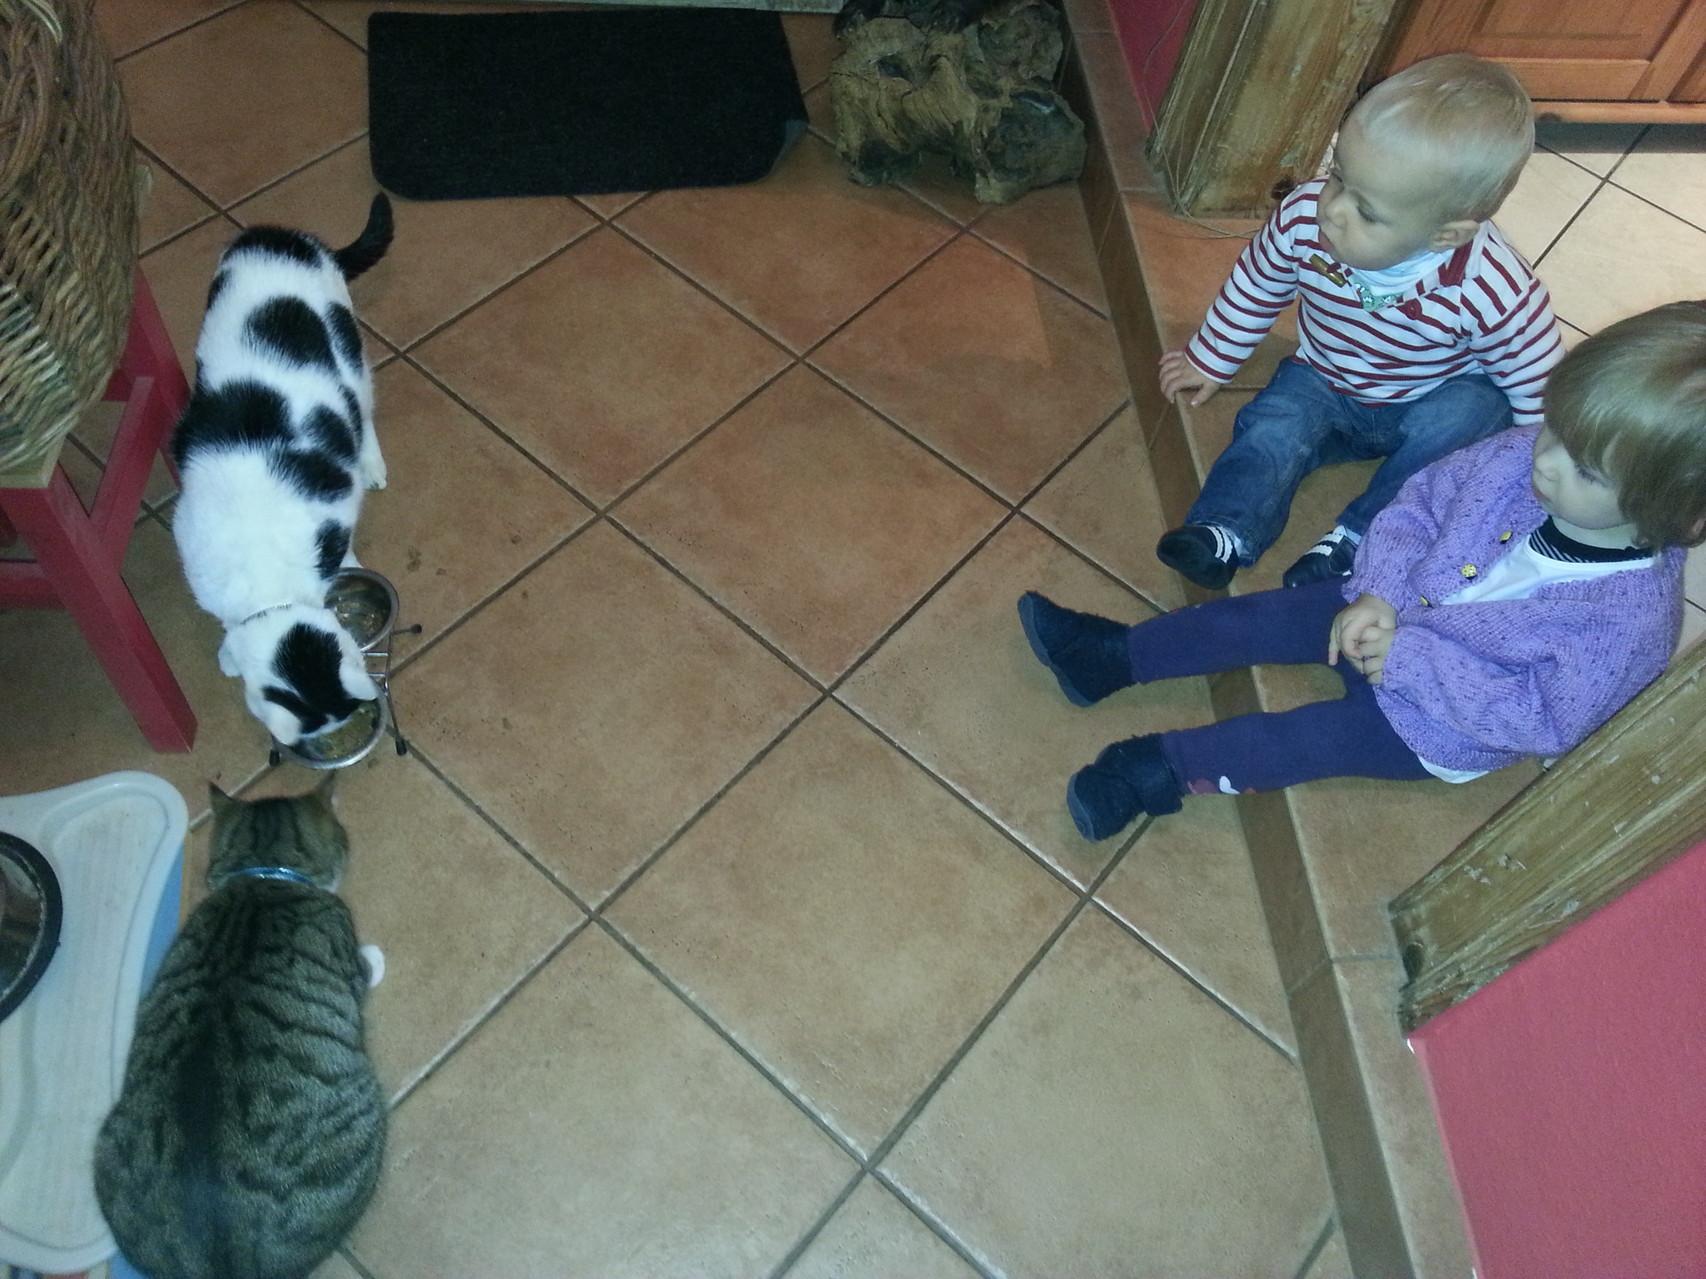 das aufwachsen mit Tieren fördert Sozialkompentenz und Rücksichtsnahme